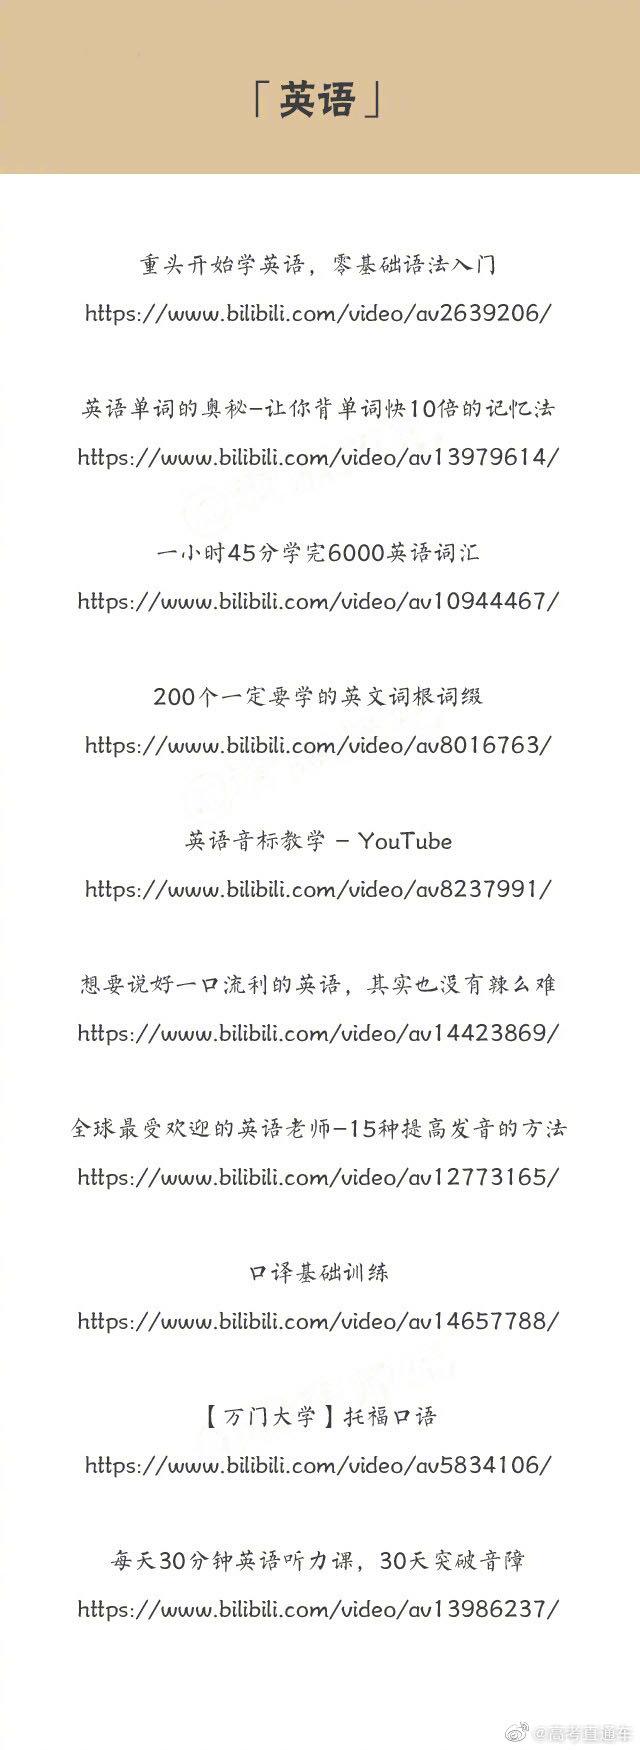 B站语言类自学视频网站大汇总,涵盖各种外语,助你秒变外语达人